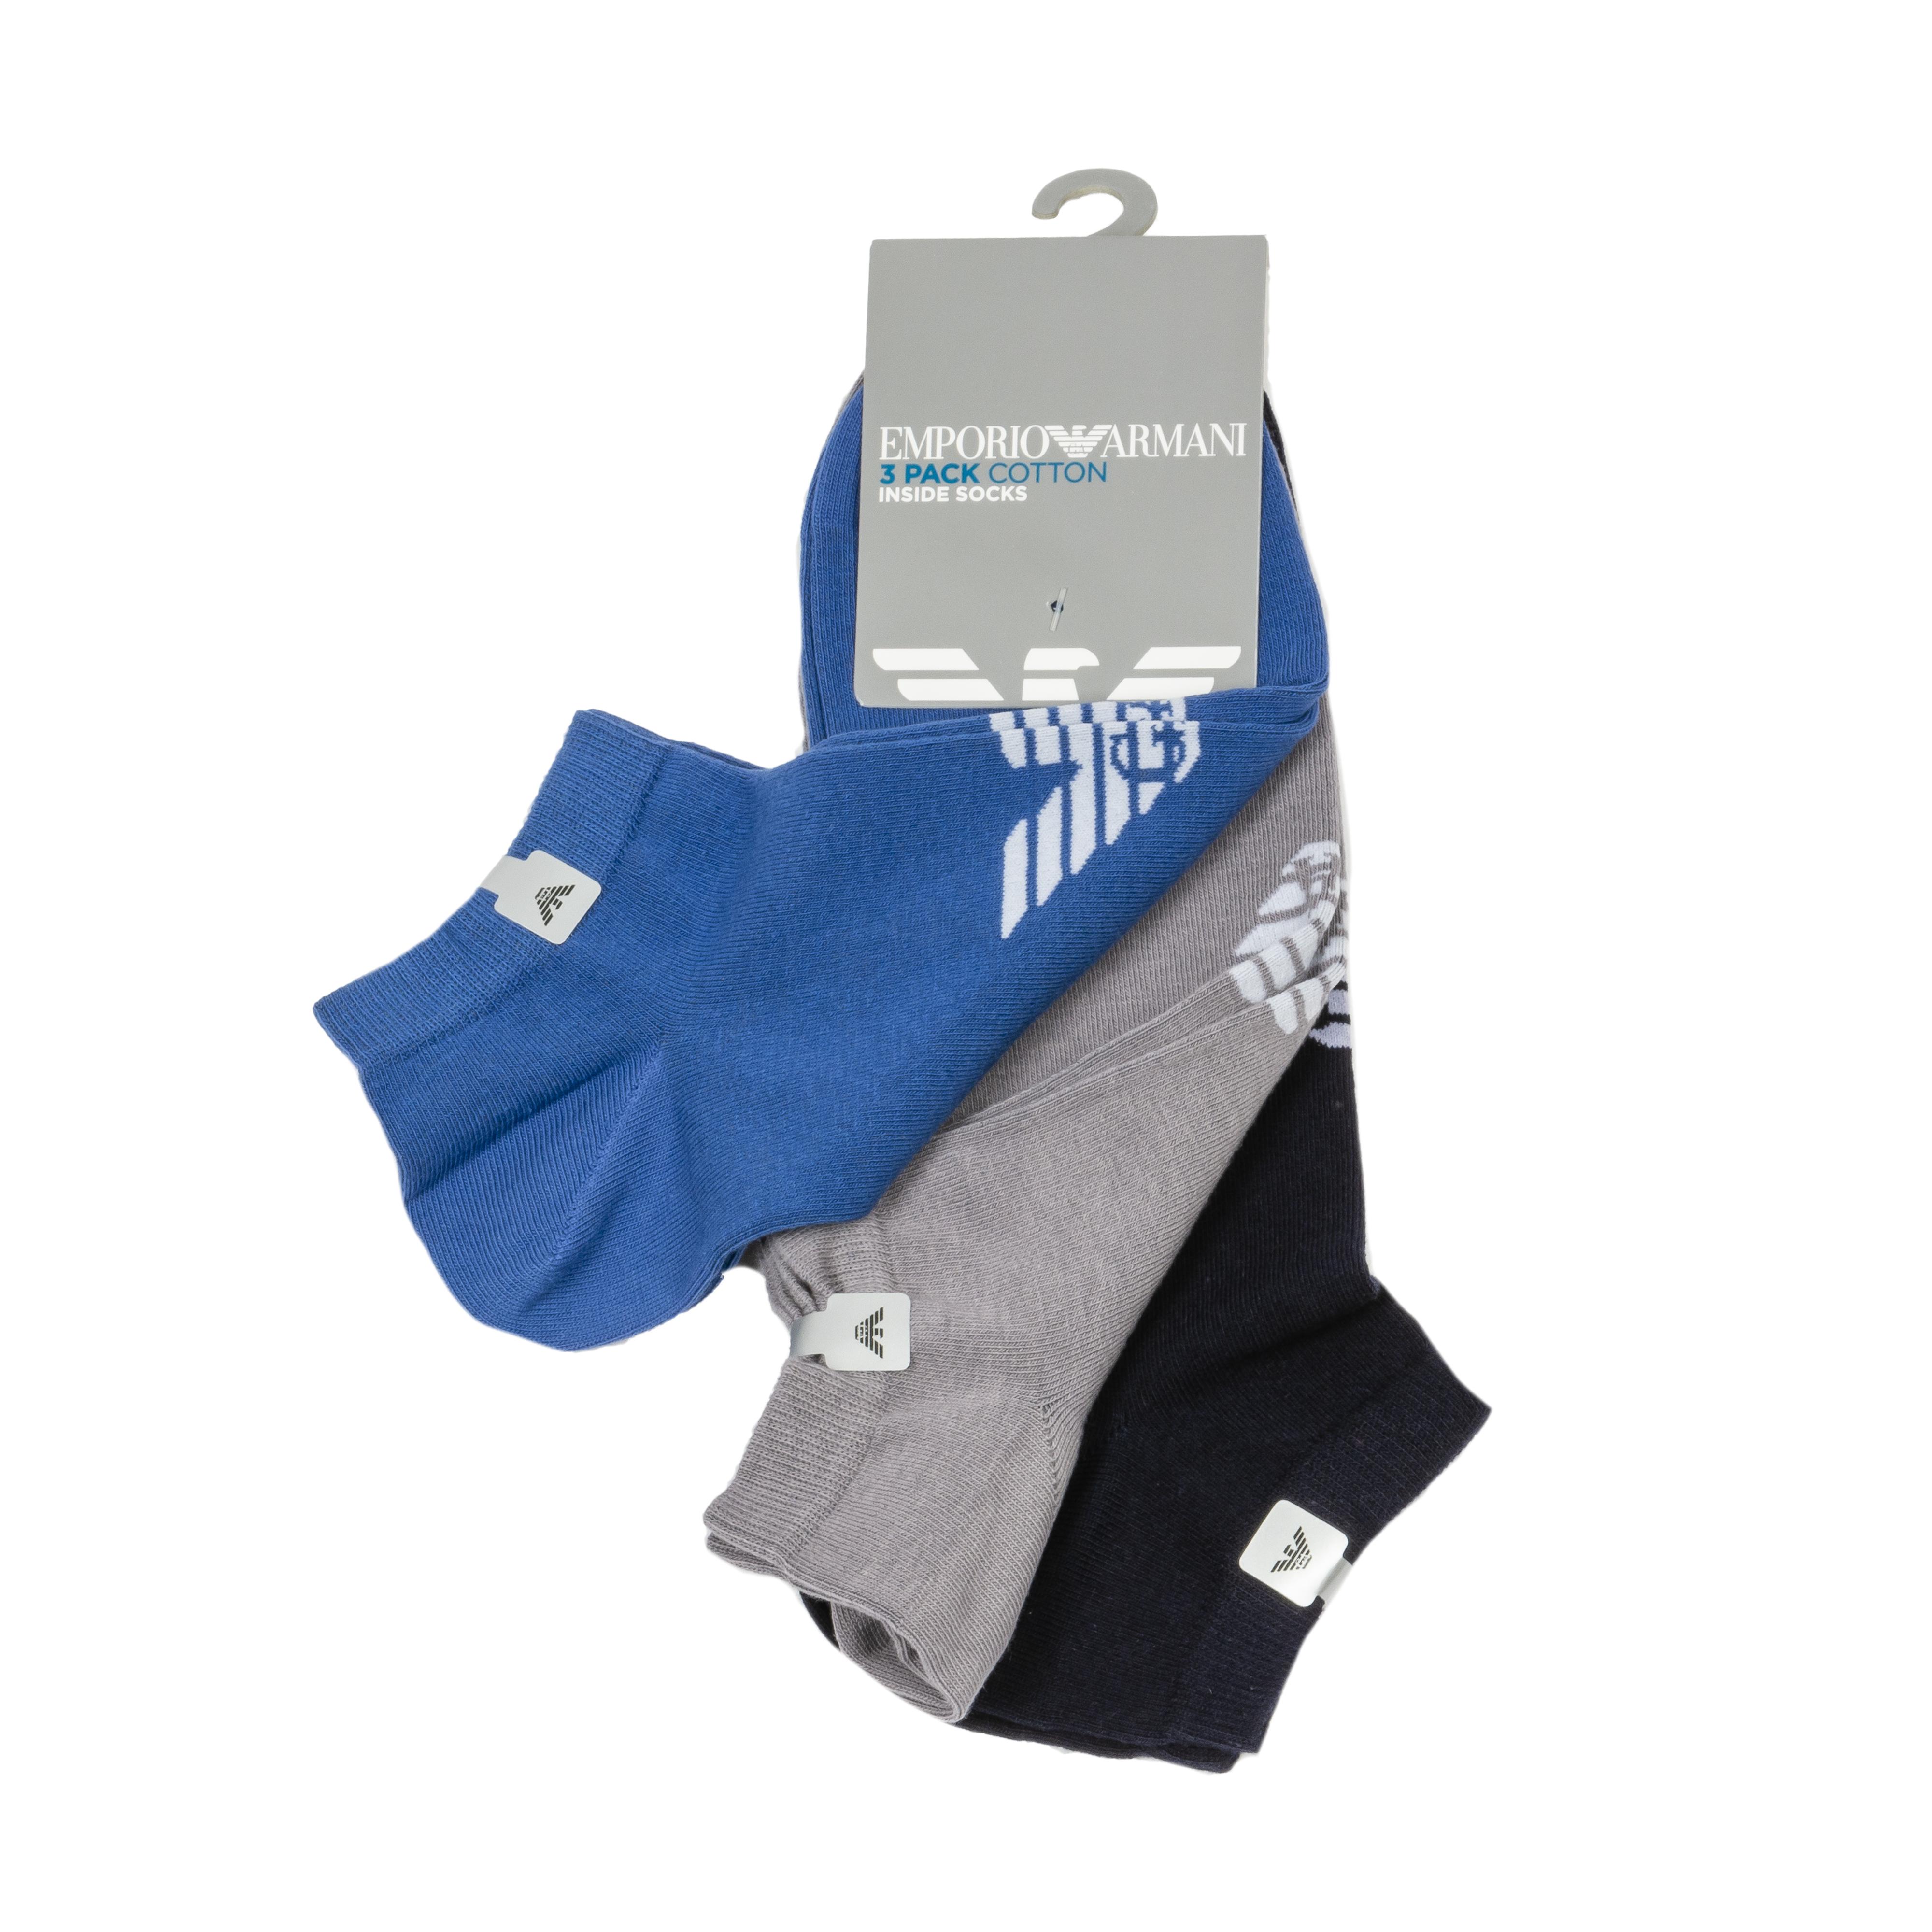 Lot de 3 paires de chaussettes basses  en coton mélangé grises, bleues et noires